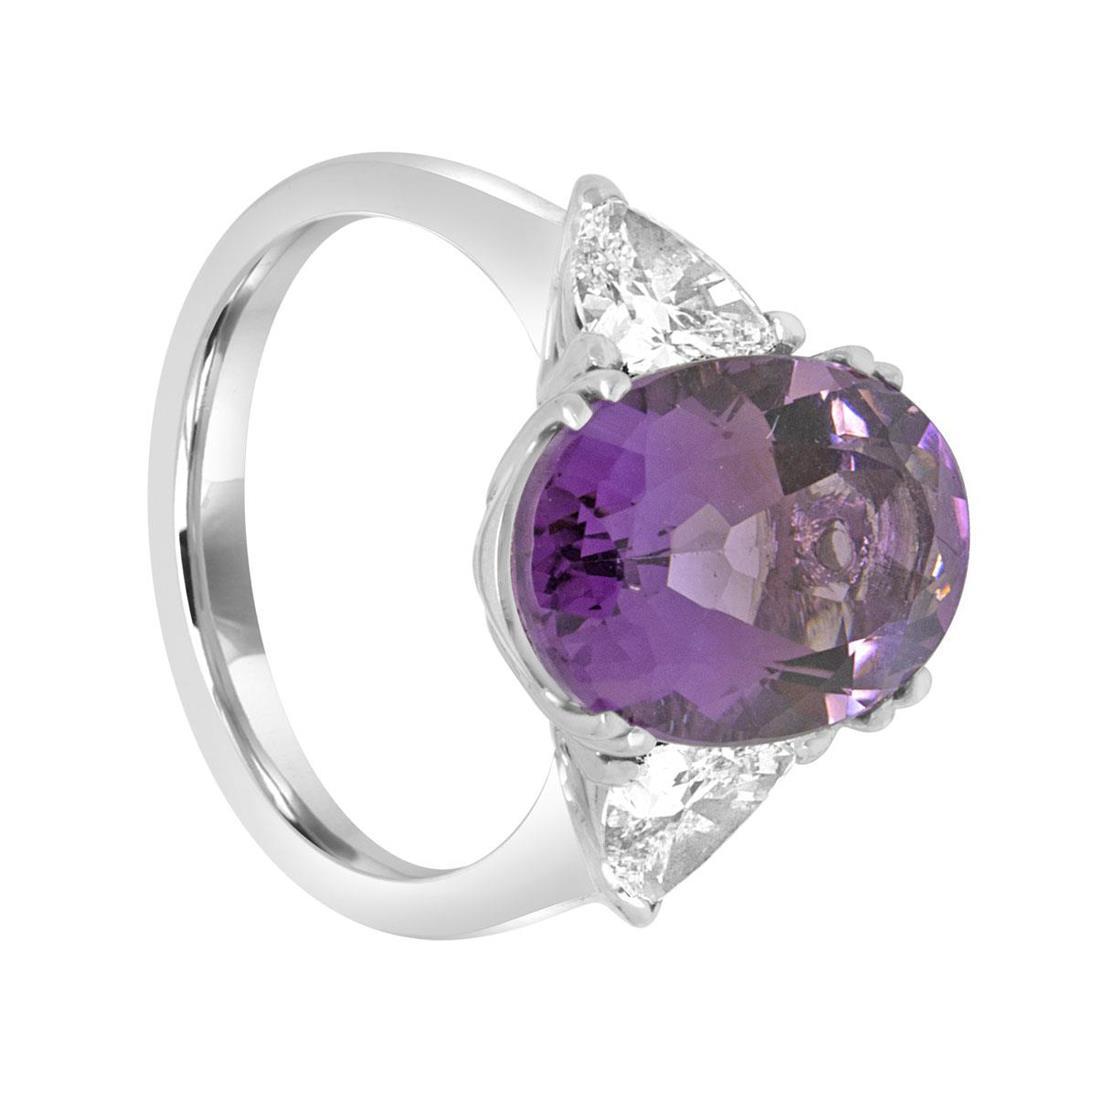 Anello design in oro bianco con diamanti e ametista - ORO&CO